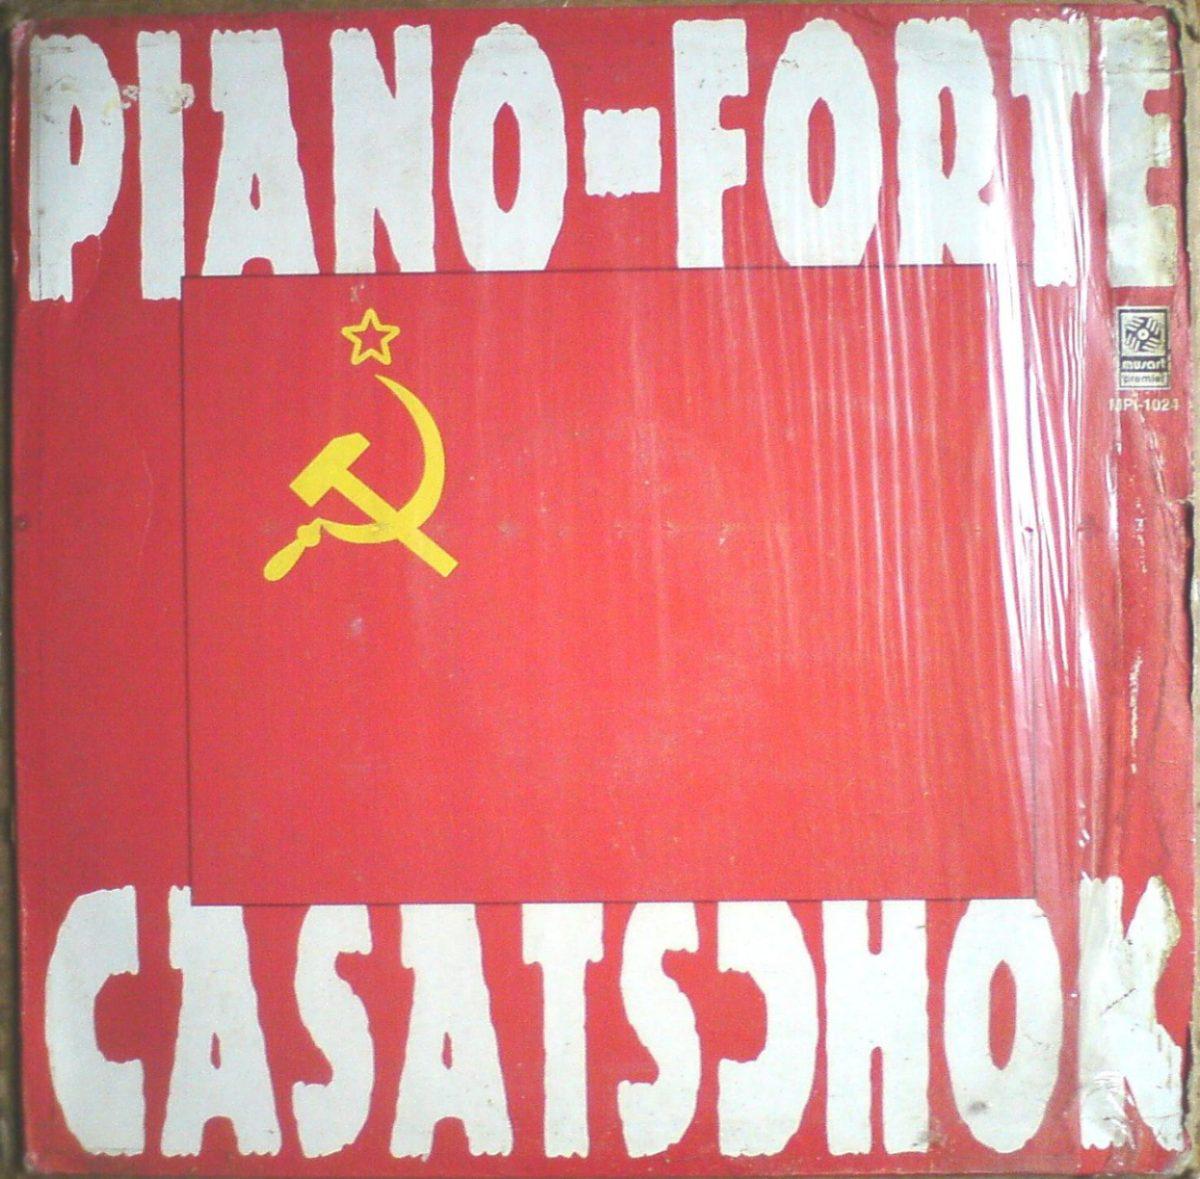 Piano forte casatschok russian song techno classics 90 39 s for Piano dance music 90 s